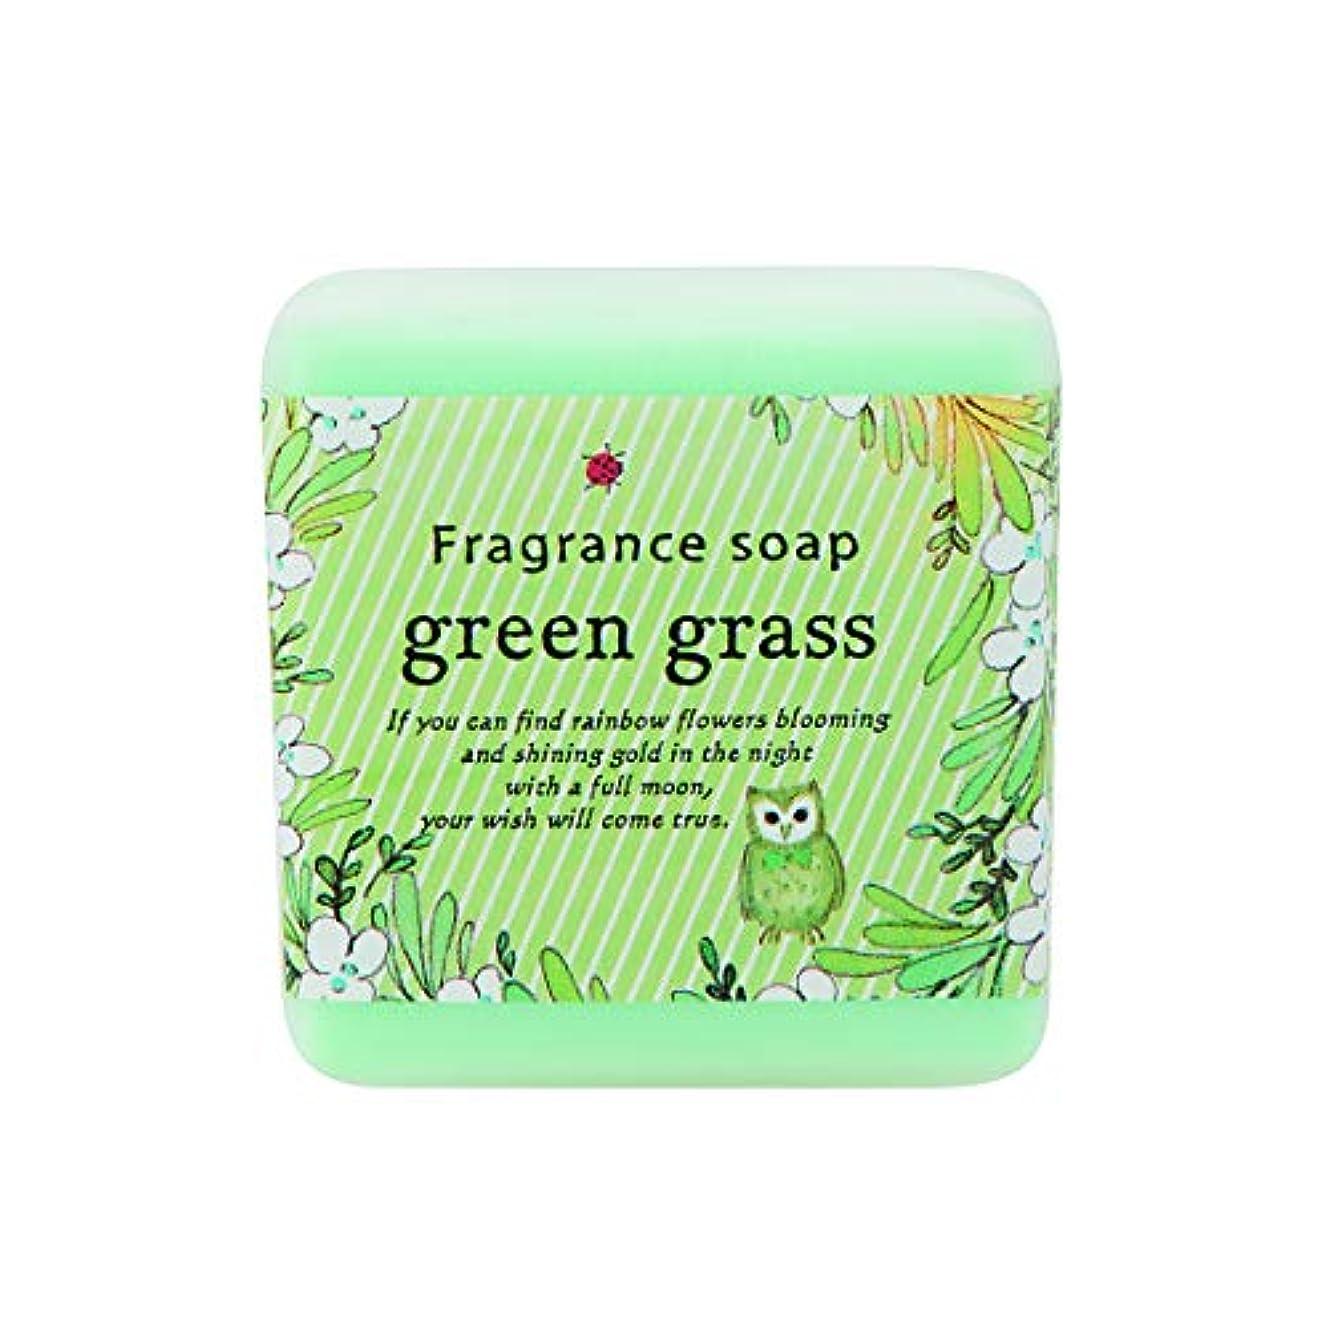 感動する納得させる確認サンハーブ フレグランスソープ40g グリーングラス 12個(プチ石けん ゲストソープ 爽やかでちょっと大人の香り)